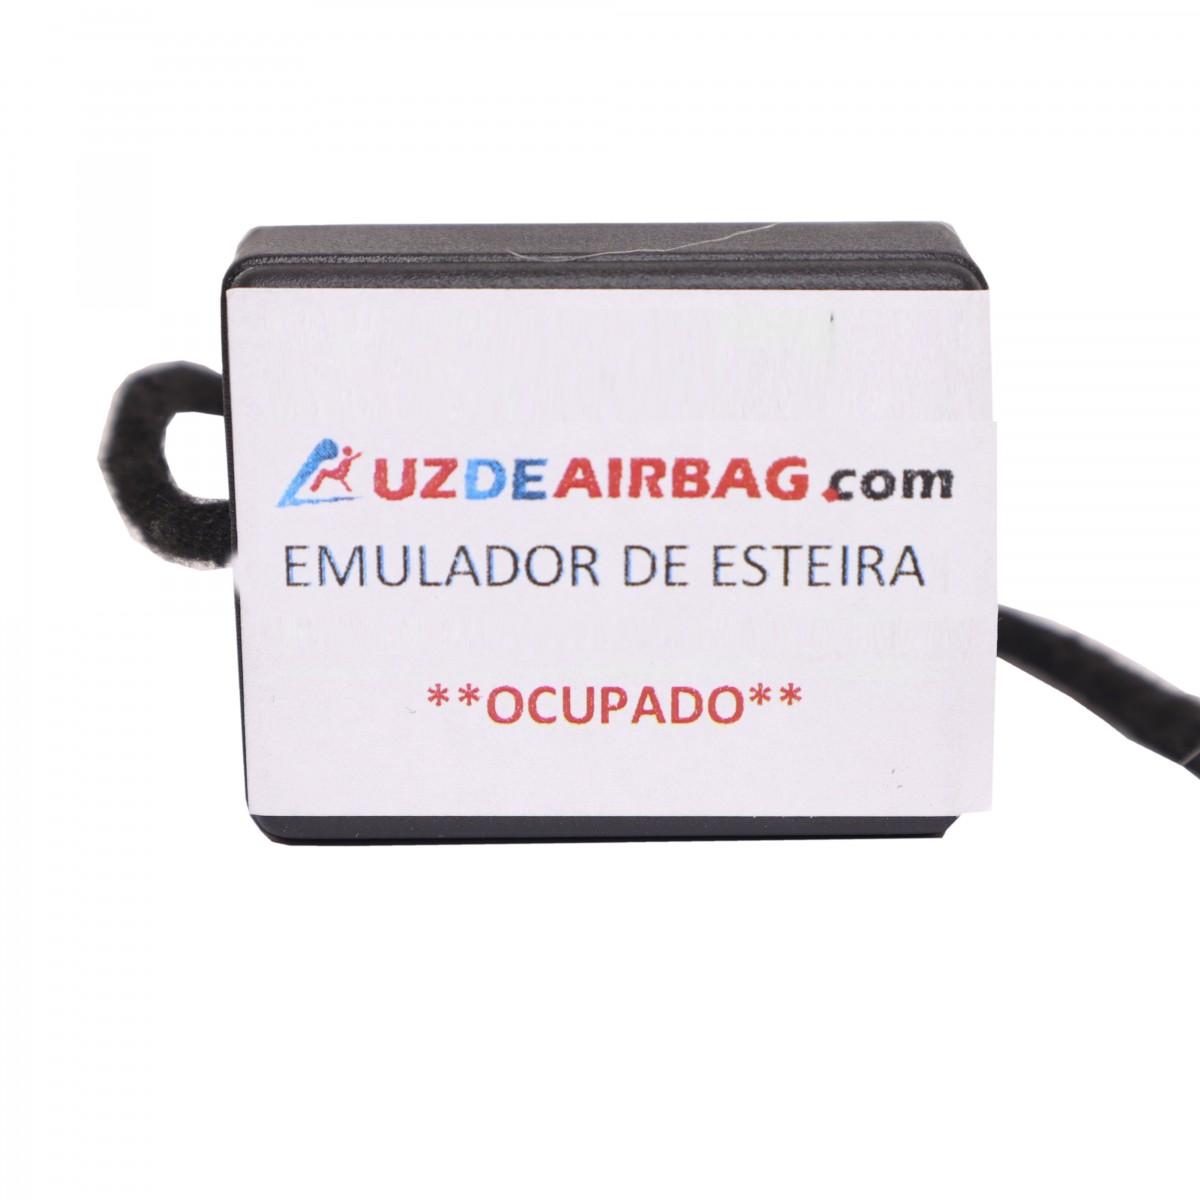 Autel MV108 - Camera de inspecção